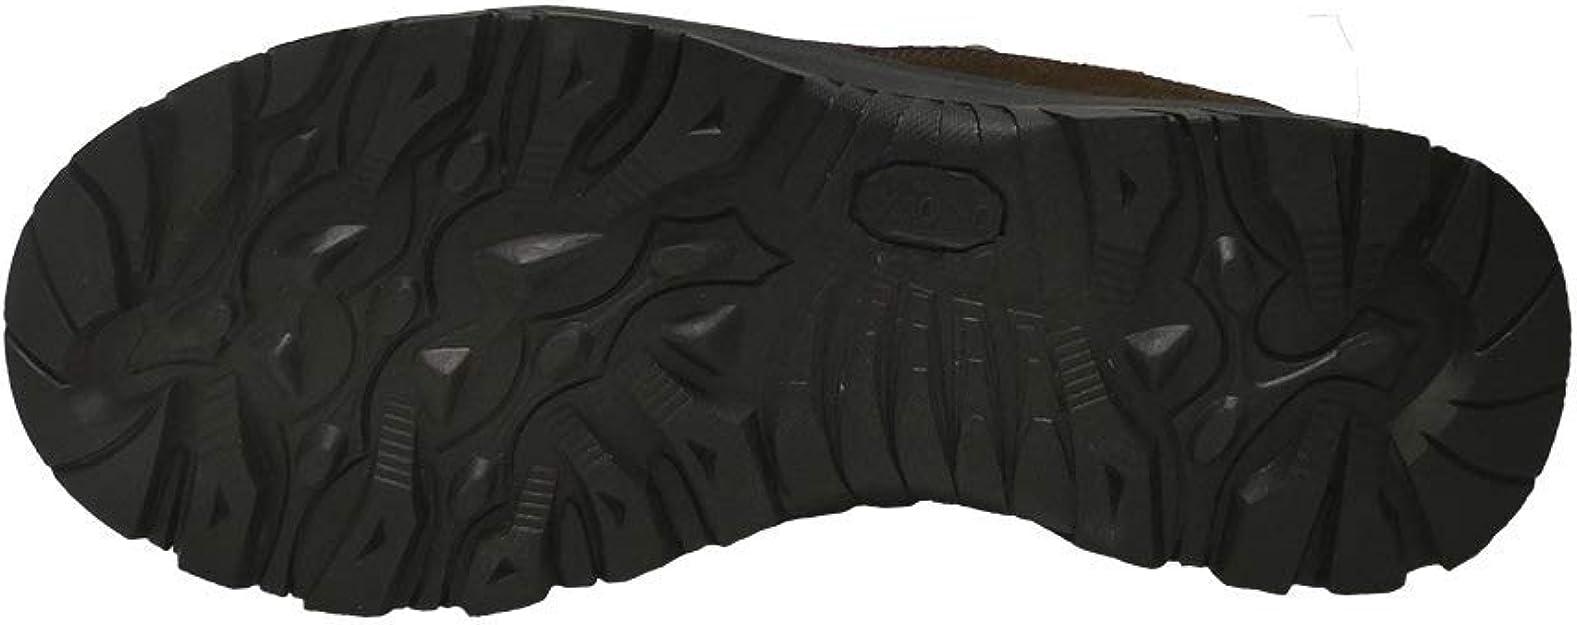 Oriocx Logroño Bota Multifuncional y de Caza: Amazon.es: Zapatos y ...